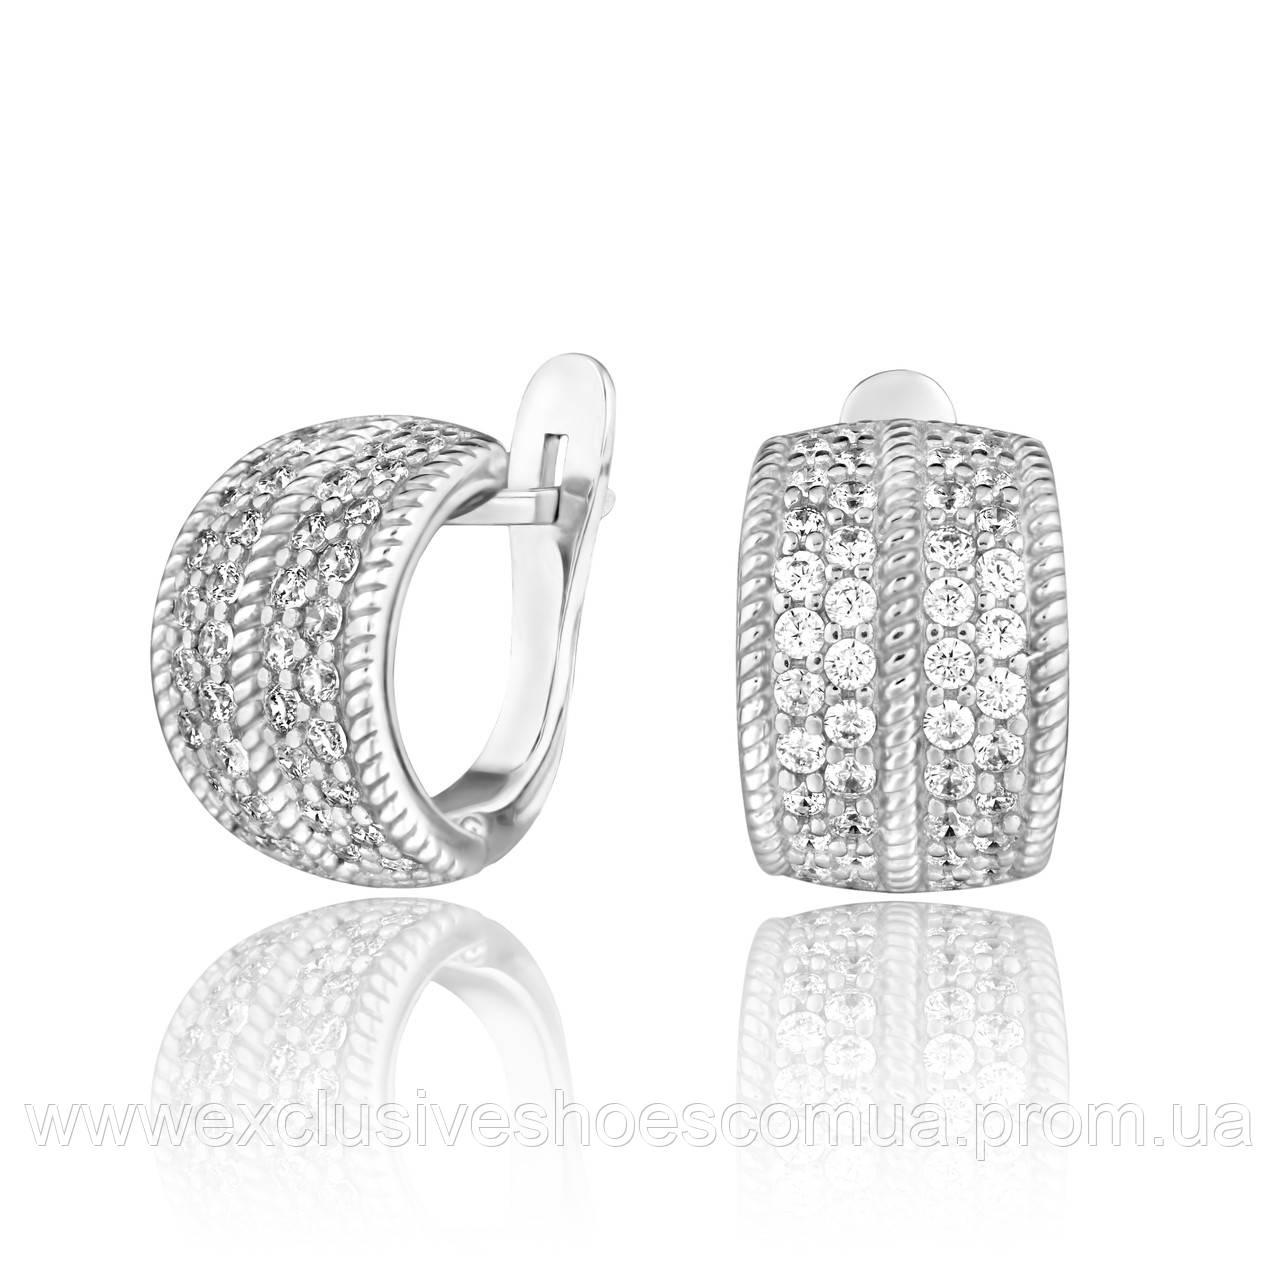 Серебряные серьги полукольца с белыми фианитами,  арт-920145б.